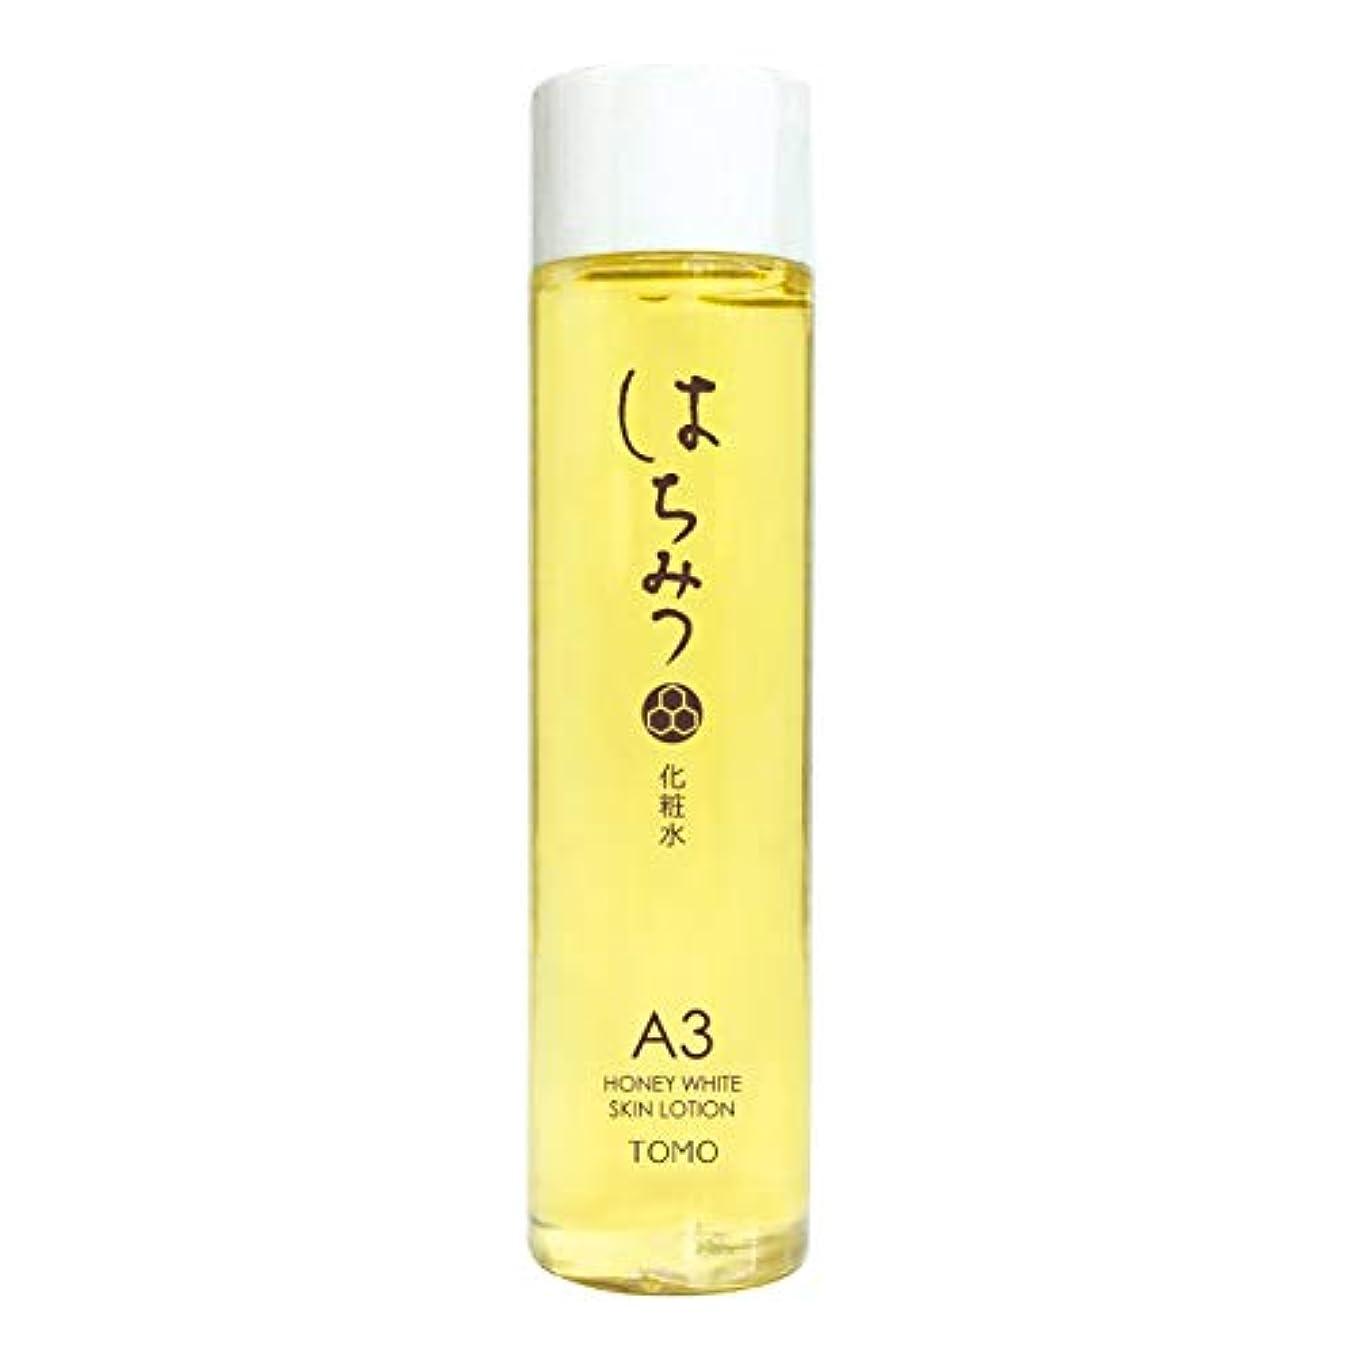 発疹豊富繊細低刺激 美容成分たっぷり配合 さっぱりタイプのはちみつ化粧水 ハニーホワイトスキンローションA3 120ml